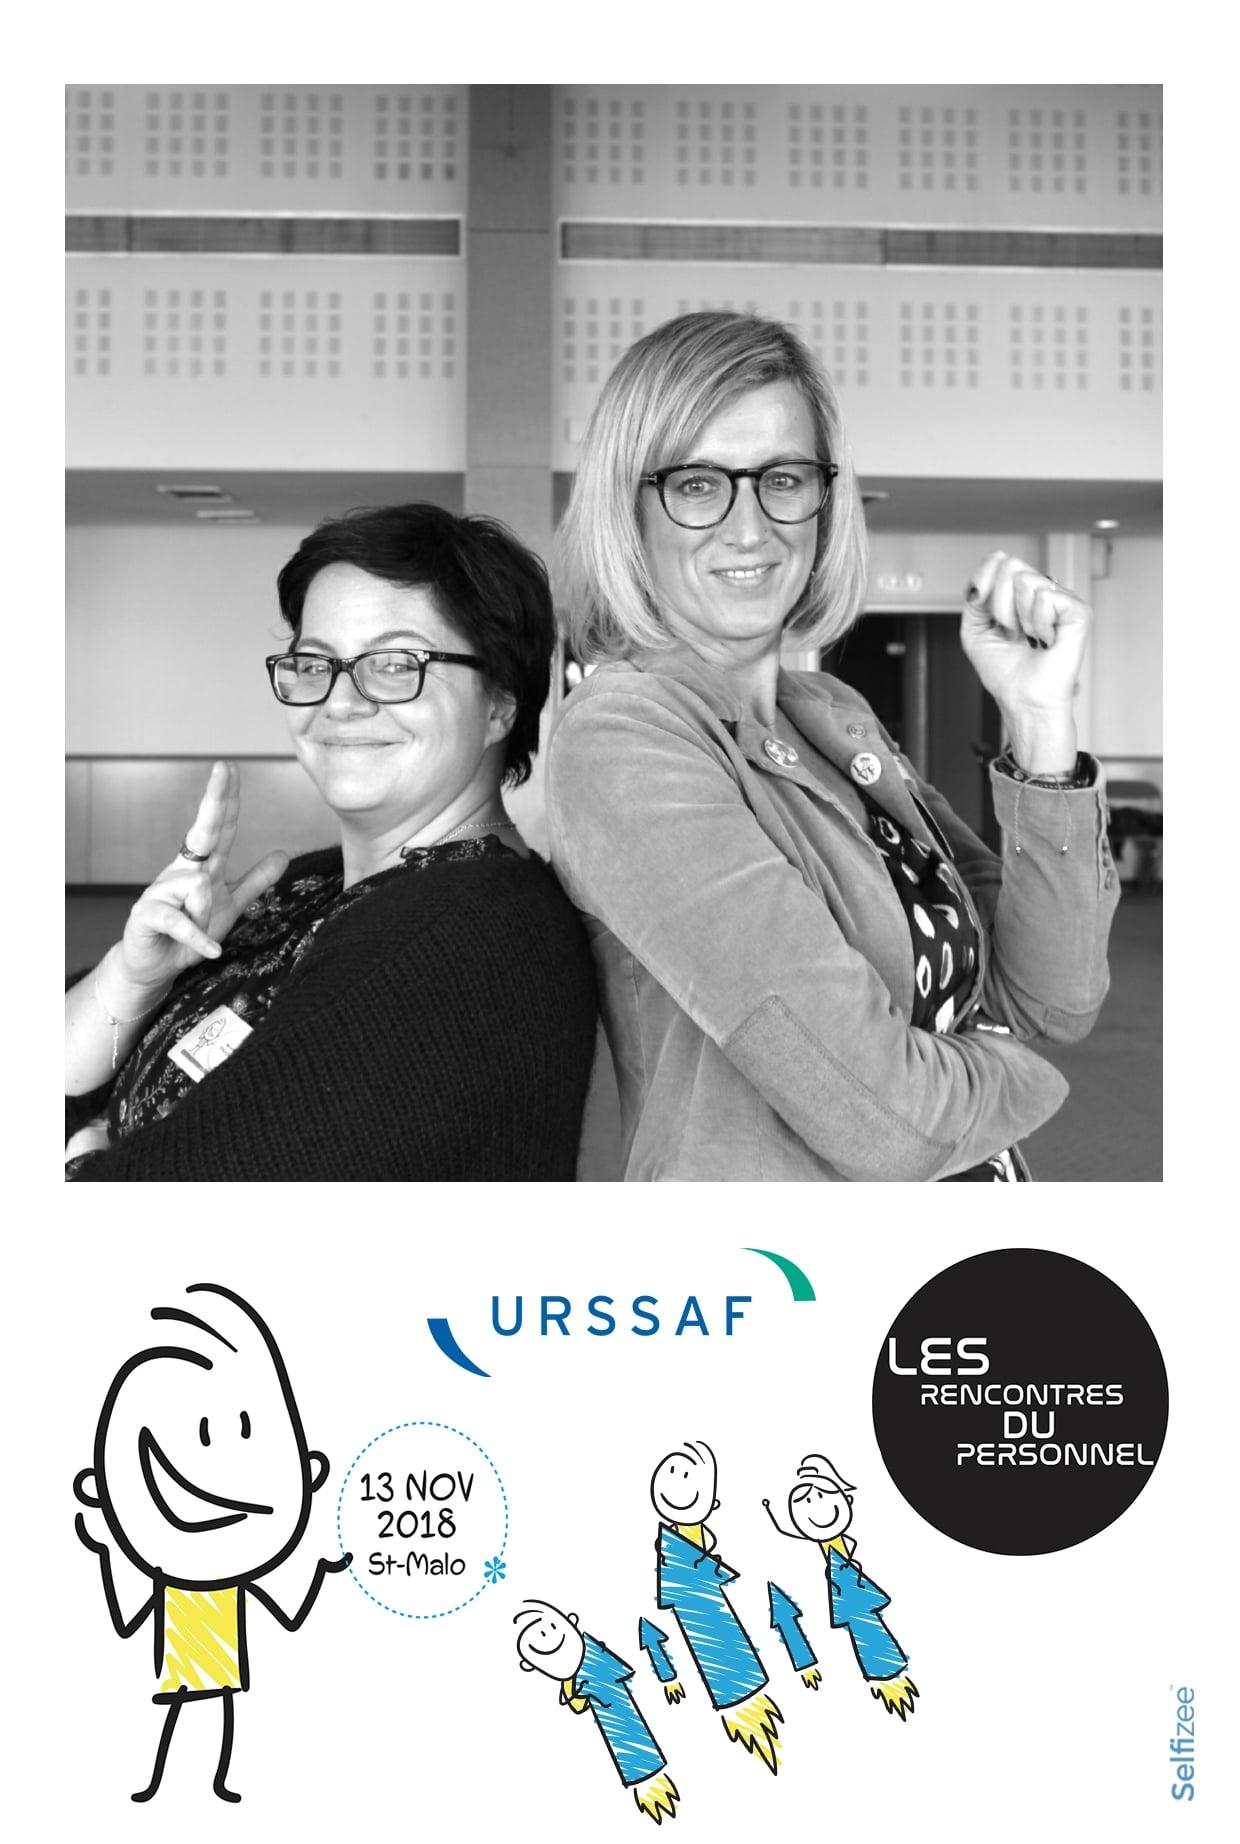 Animation photobooth avec photos personnalisées imprimées lors de l'événement les rencontres du personnel URSSAF à Saint-Malo